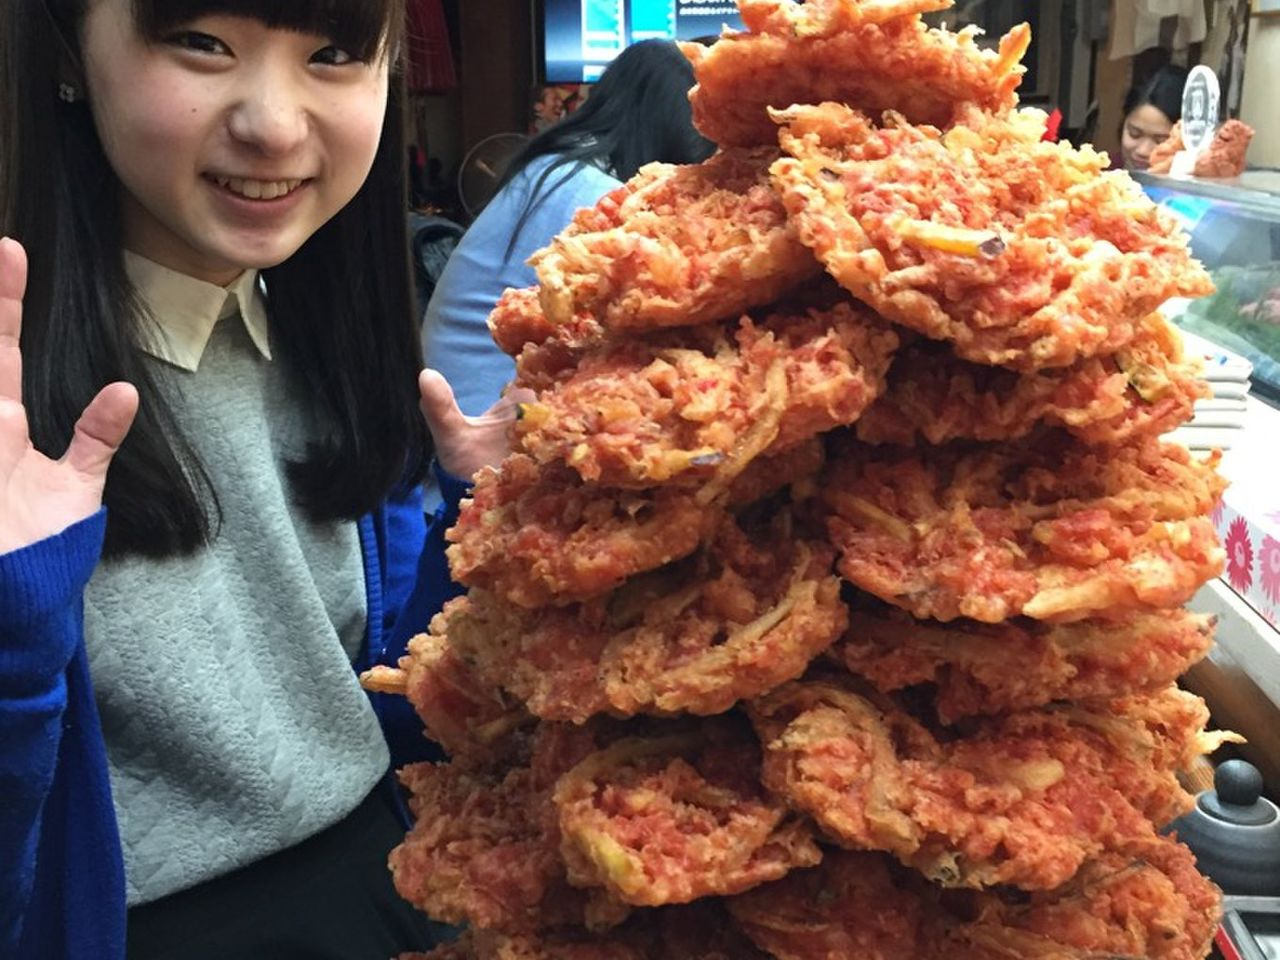 【生活】(注目!)札幌の知られざるB級グルメ「やきそば屋」が凄い!!好きなソースで味付け、そして最大12玉のデカ盛り!対応可!